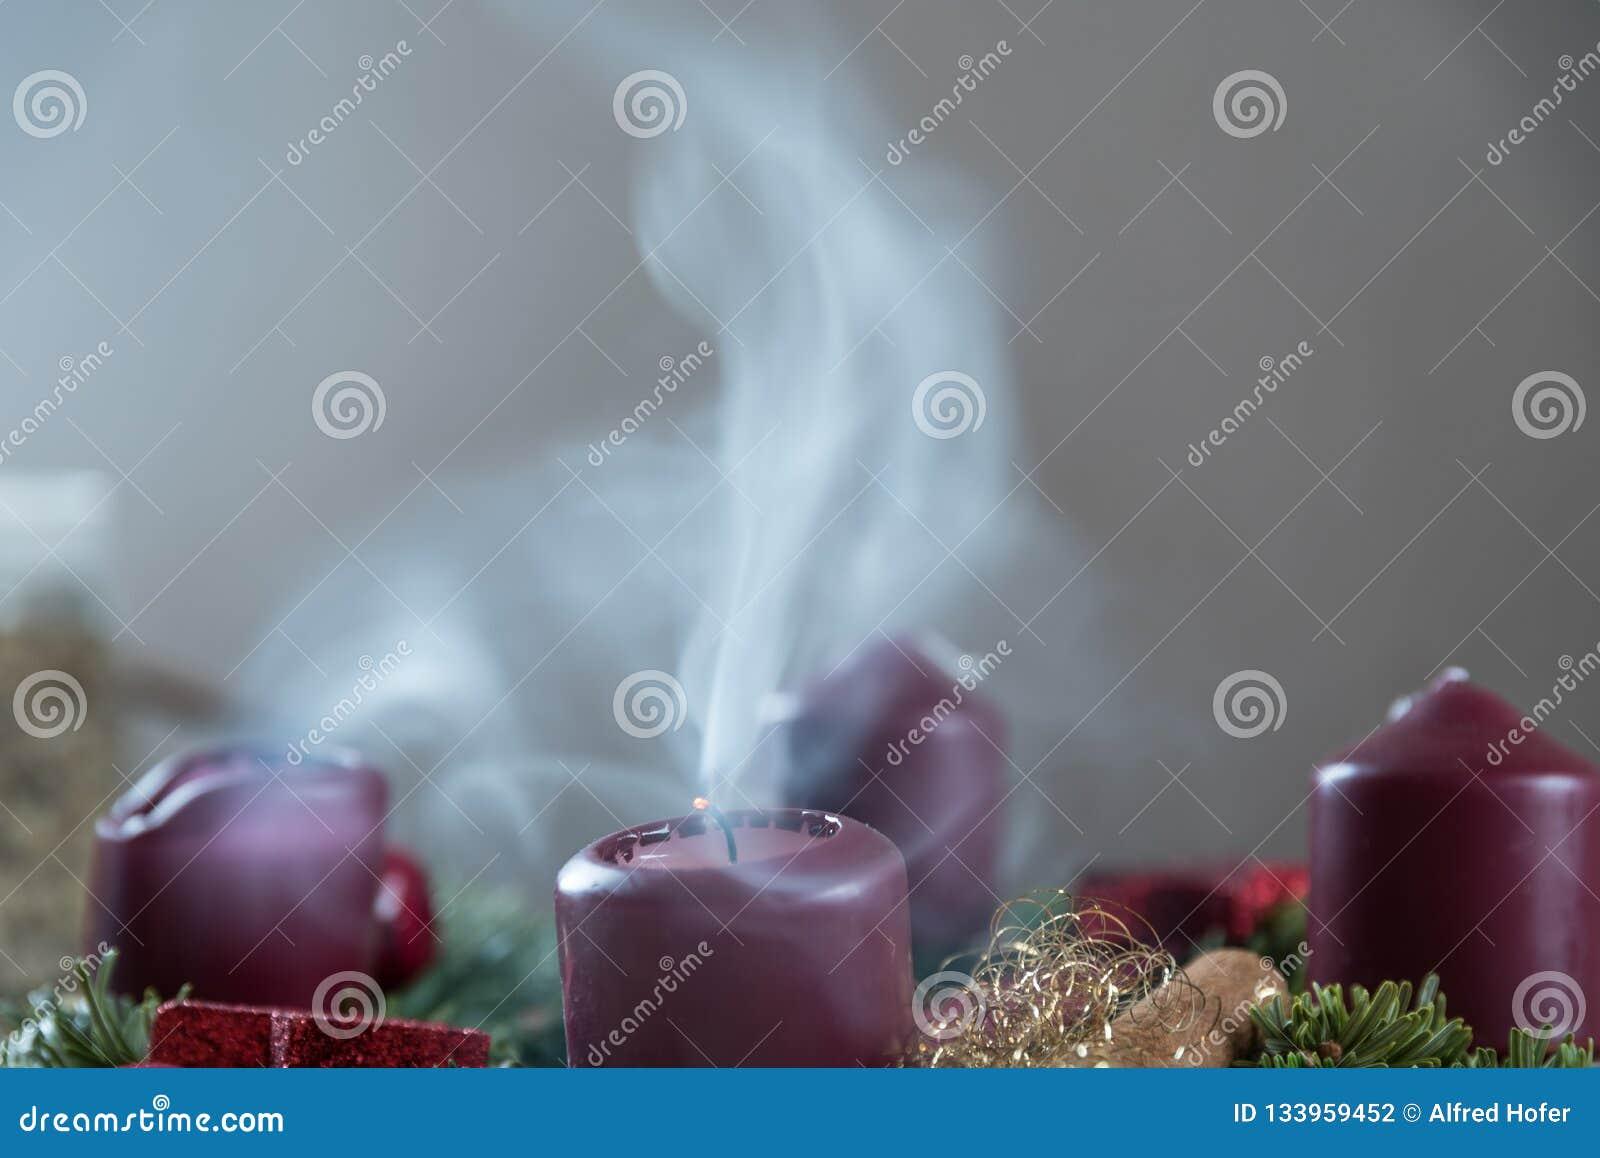 Dymienie świeczka na Adwentowym wianku